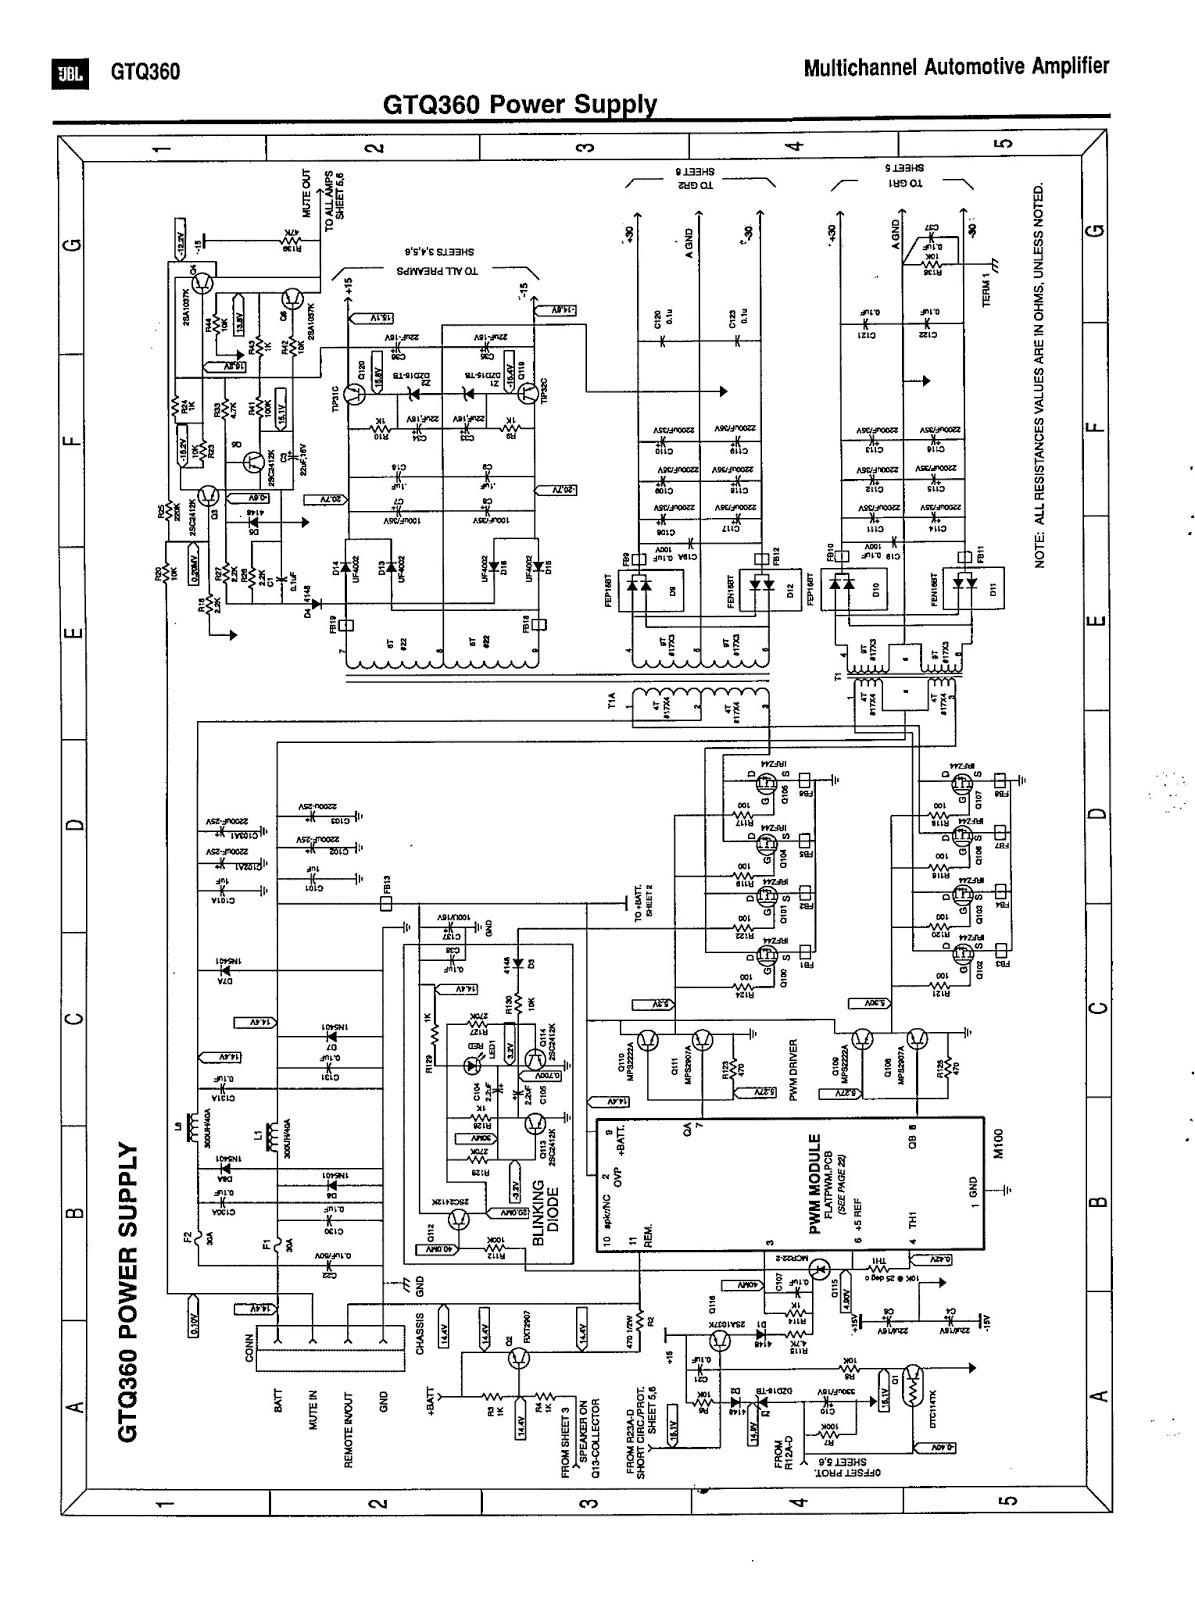 jbl gtq360 car casette cd tuner wiring diagram. Black Bedroom Furniture Sets. Home Design Ideas